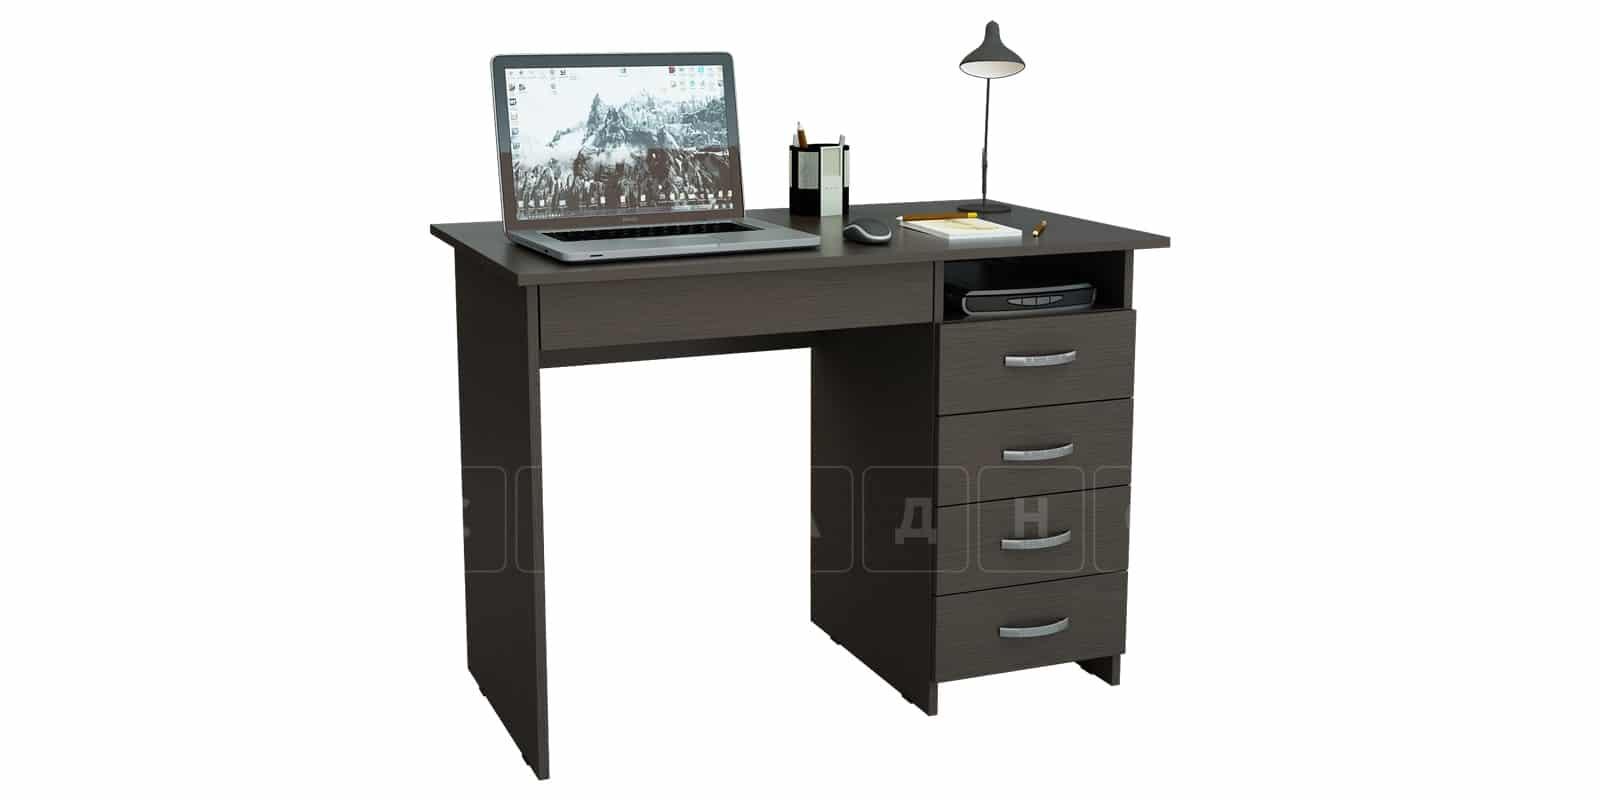 Офисный стол Харви с ящиками фото 4 | интернет-магазин Складно